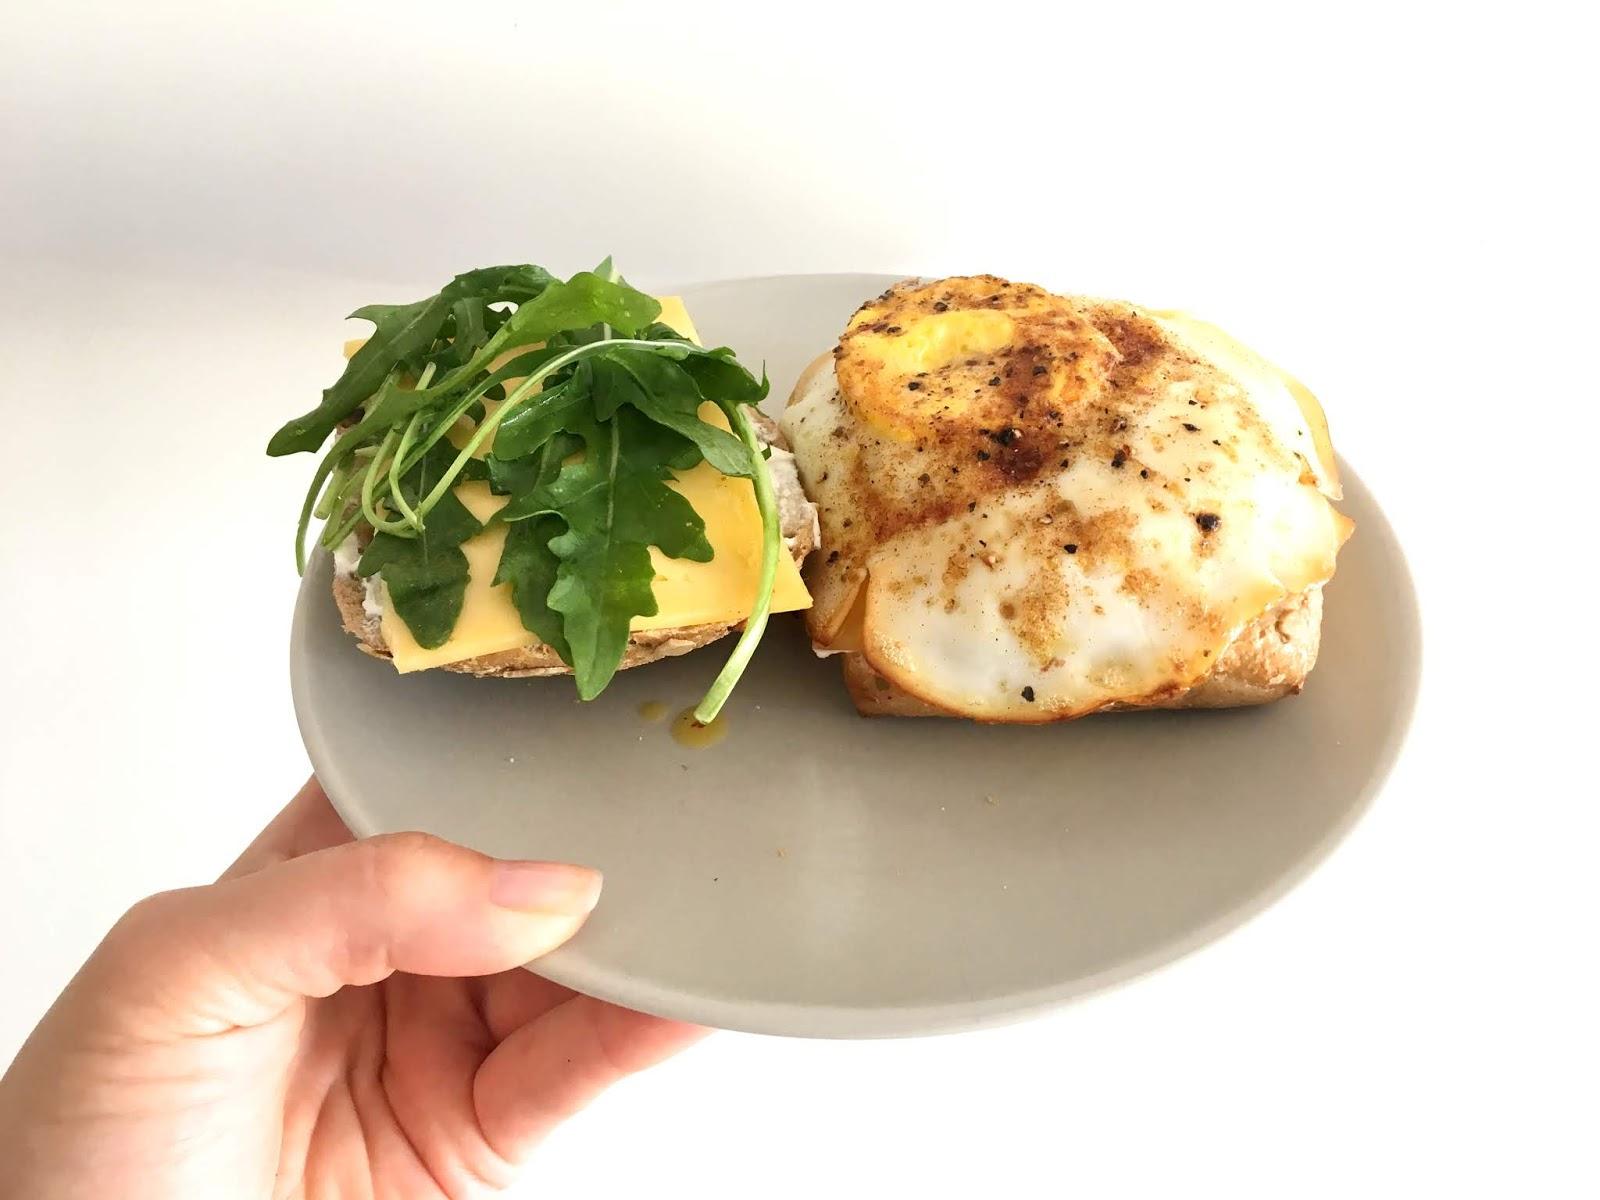 Ein gesundes Mittagessen schnell zubereitet